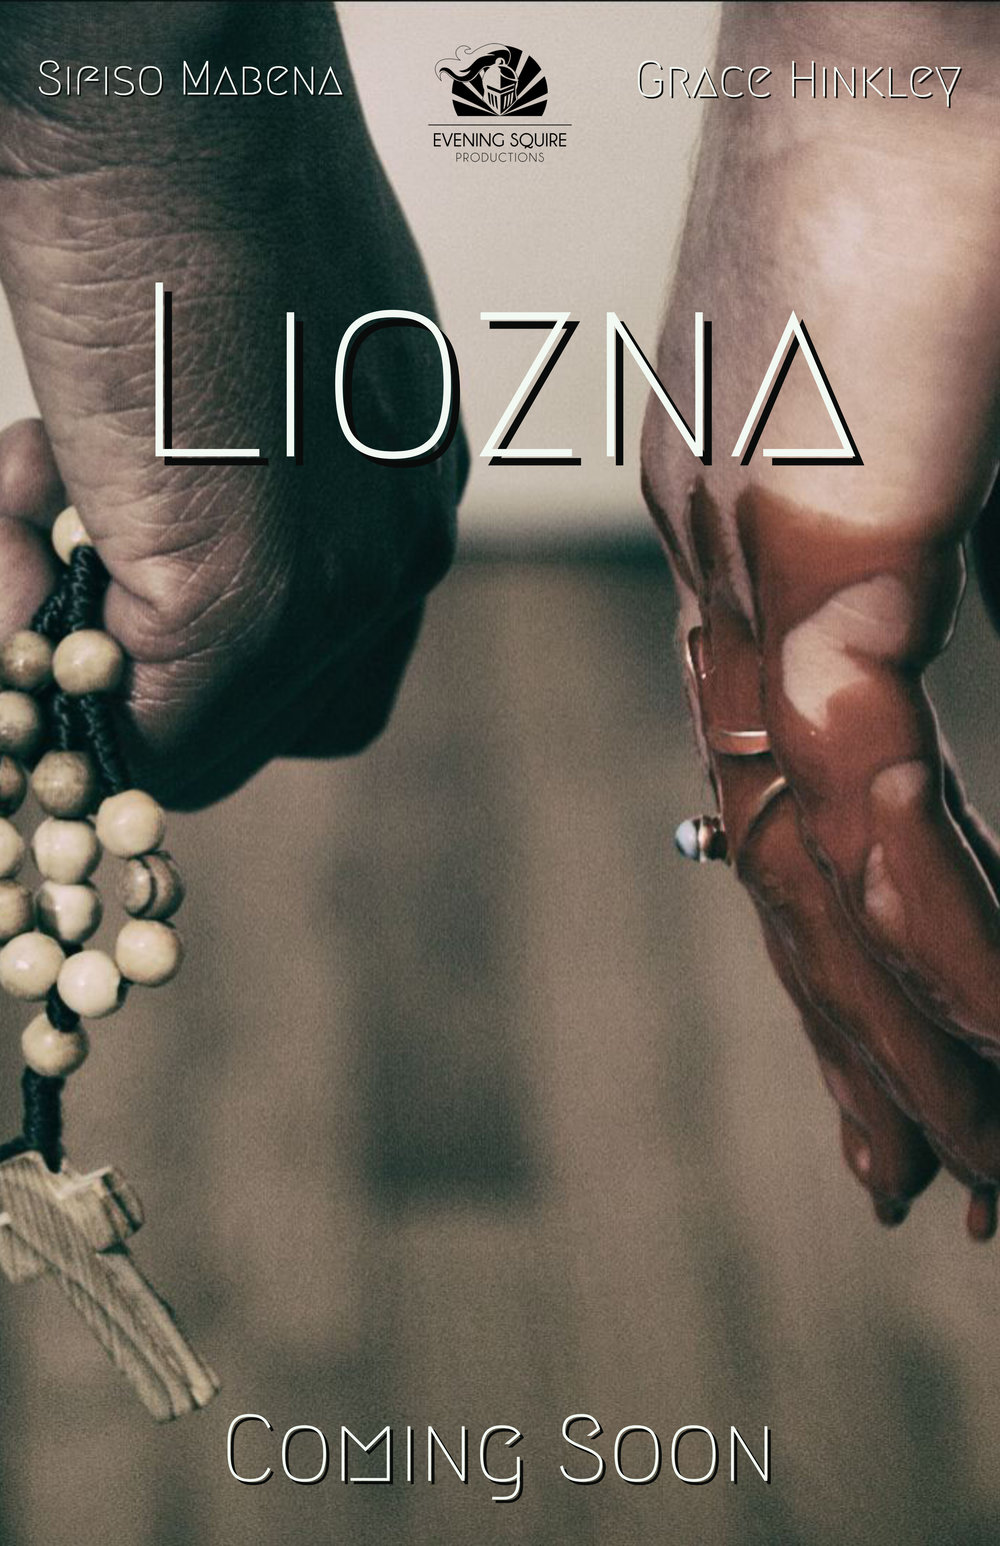 Liozna Coming Soon.jpg